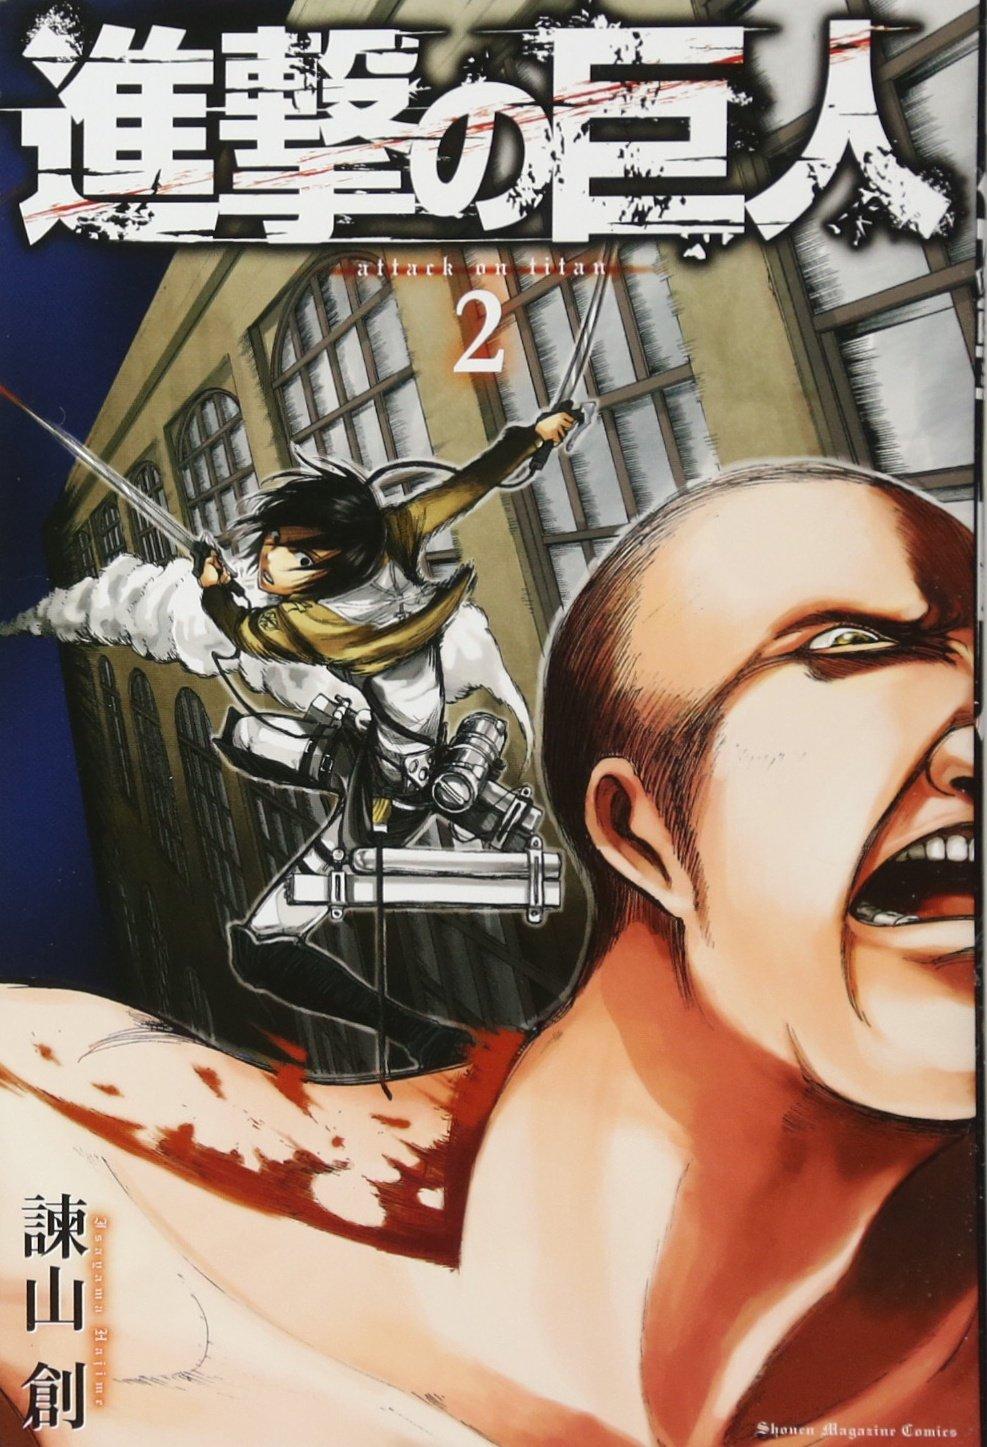 漫画 全巻無料 進撃の巨人 『進撃の巨人』が28巻まで無料で読める!連載10周年感謝企画を開催。|株式会社TORICOのプレスリリース